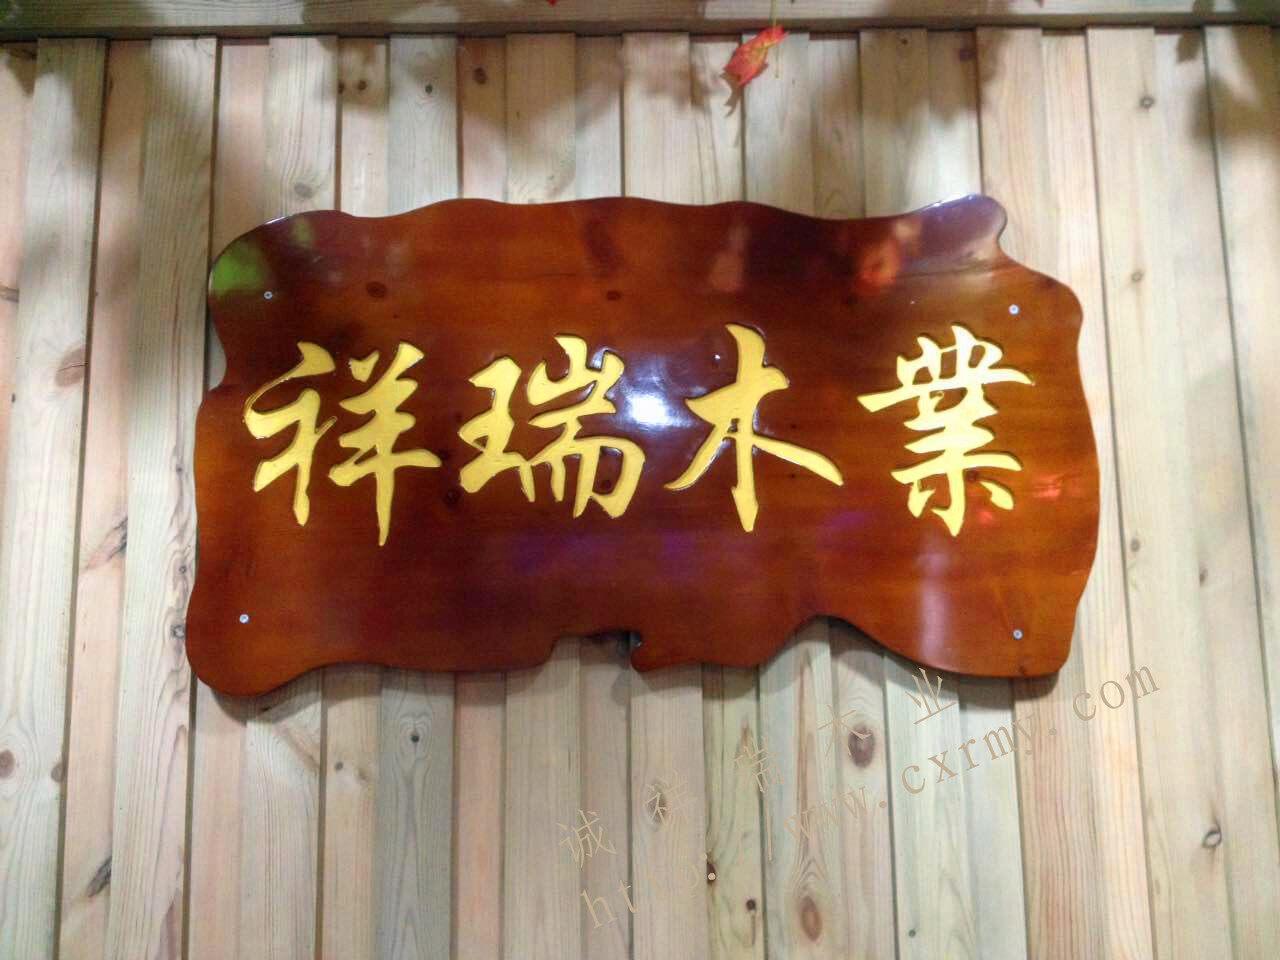 深圳市诚祥瑞木业有限公司